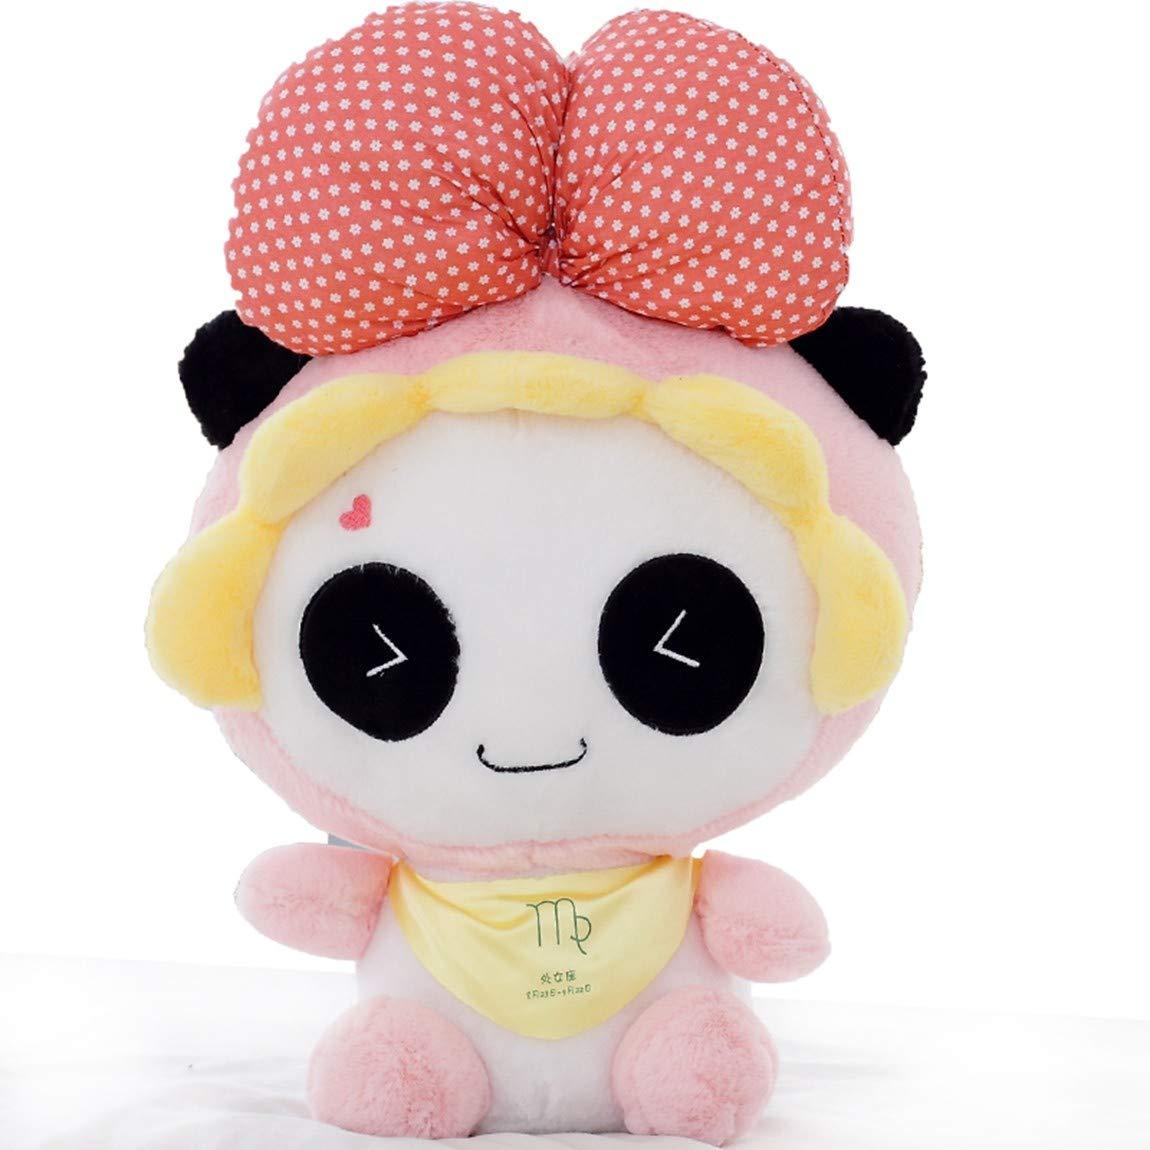 Naughty baby Panda Panda Plüsch Spielzeug Puppe Hug Große Kissen Doll Doll Geburtstag Geschenk Mädchen 12 Constellation 40 Cm, W B07K6L3P5S Plüschtiere Elegantes und robustes Menü   Outlet Store